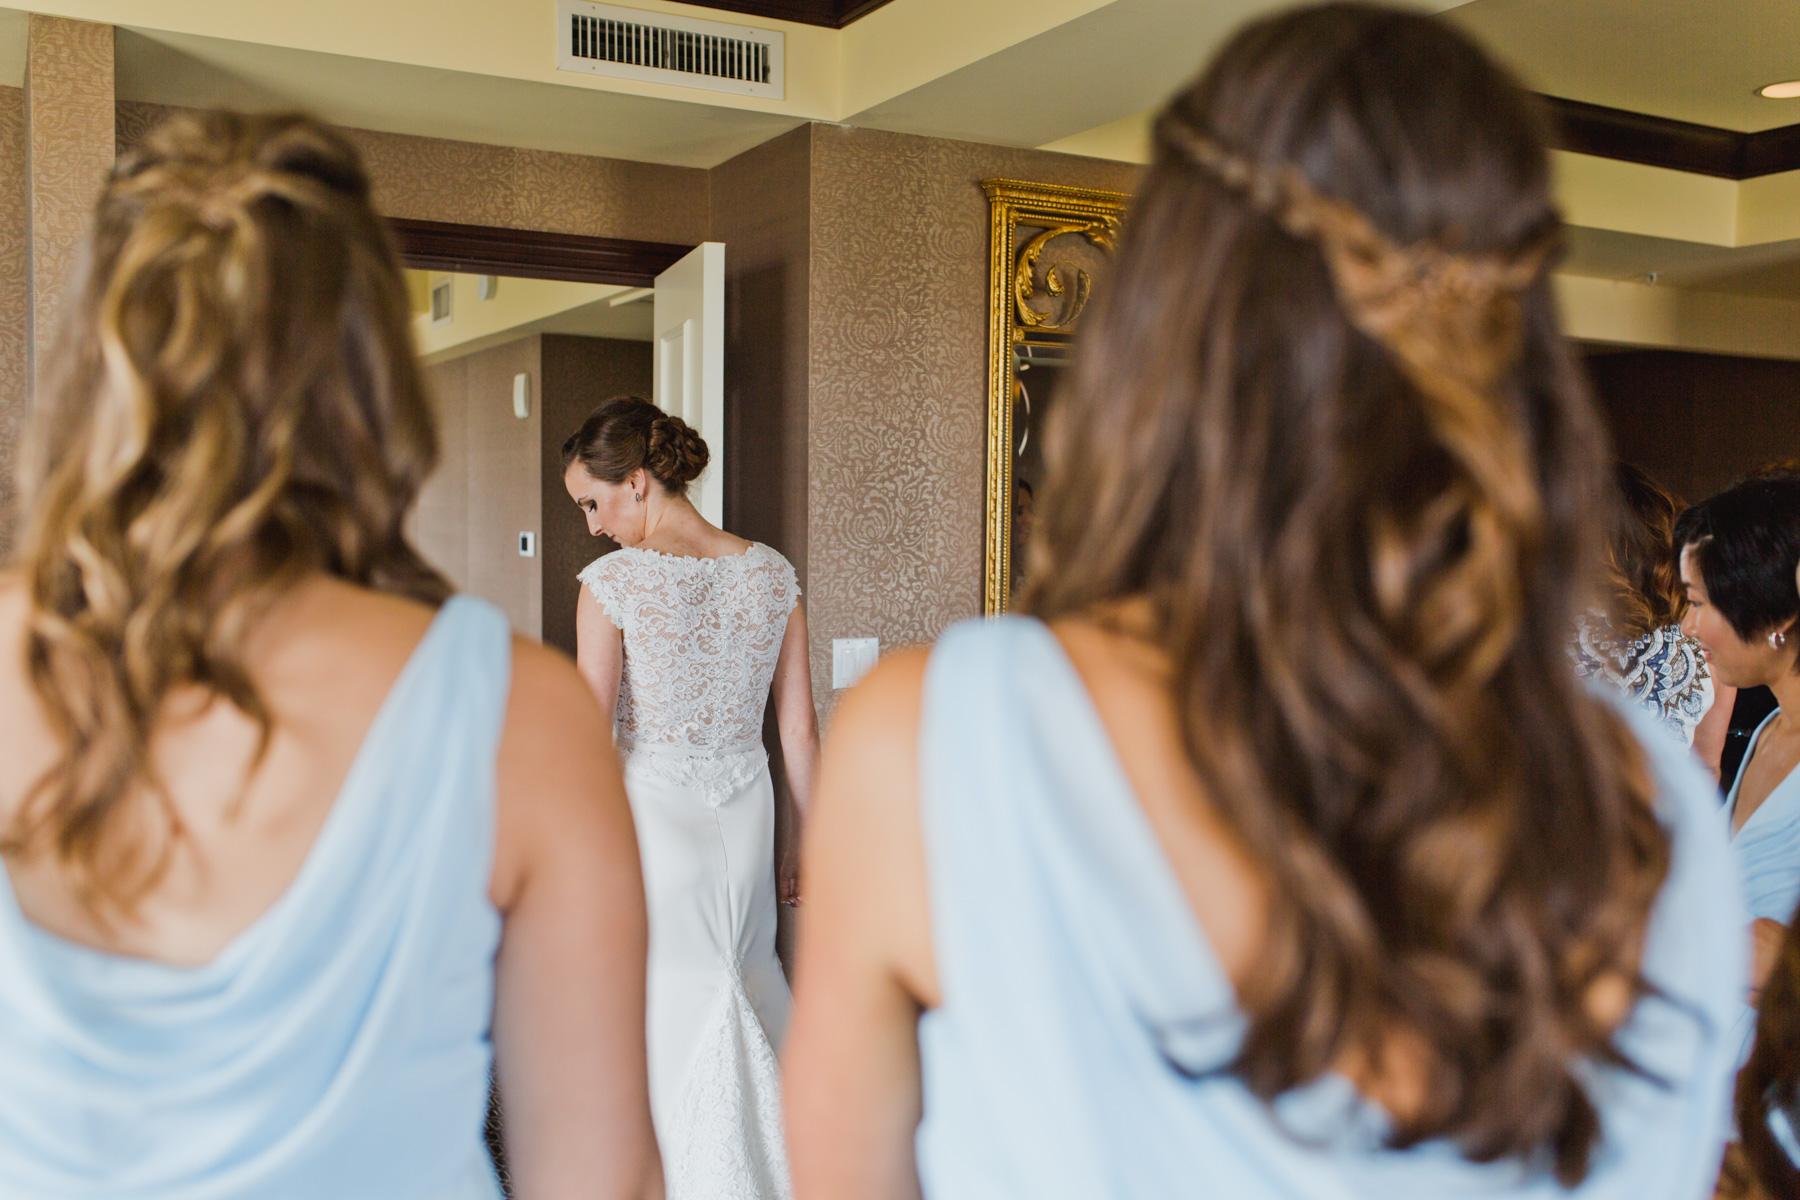 bridesmaids see dress and bride